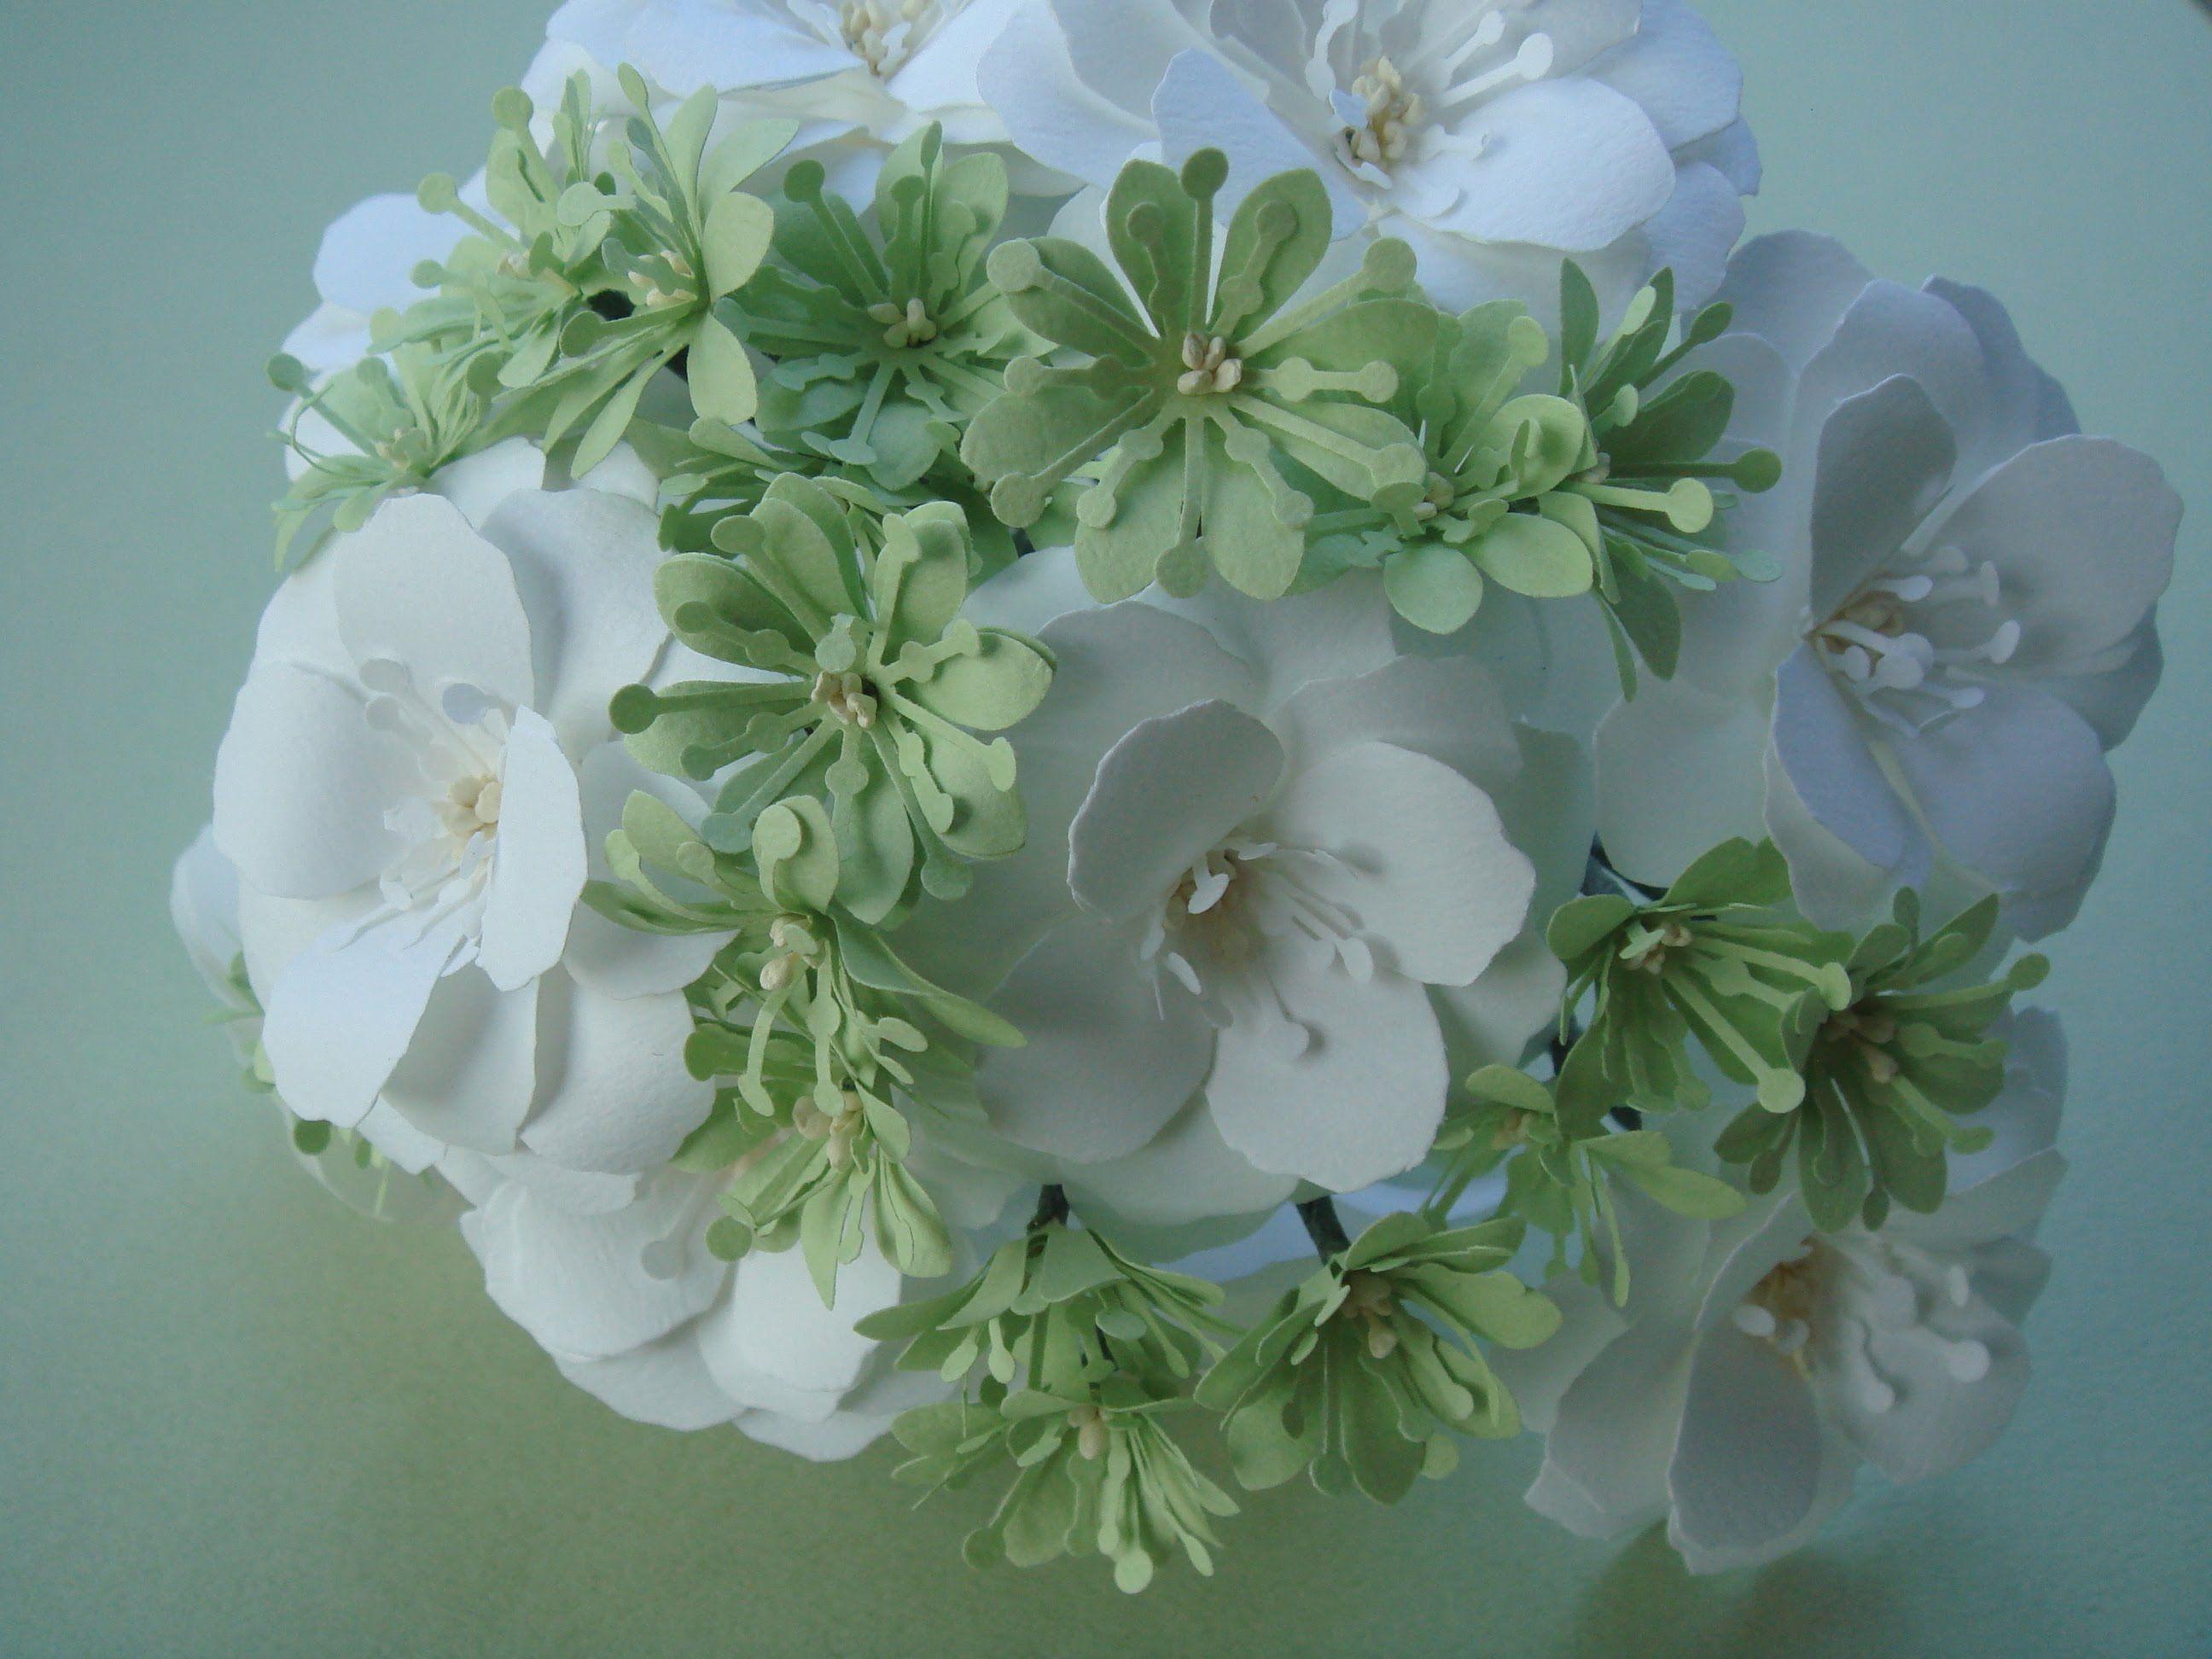 Paper flower bouquet 1 punch project pinterest paper flower bouquet 1 punch project izmirmasajfo